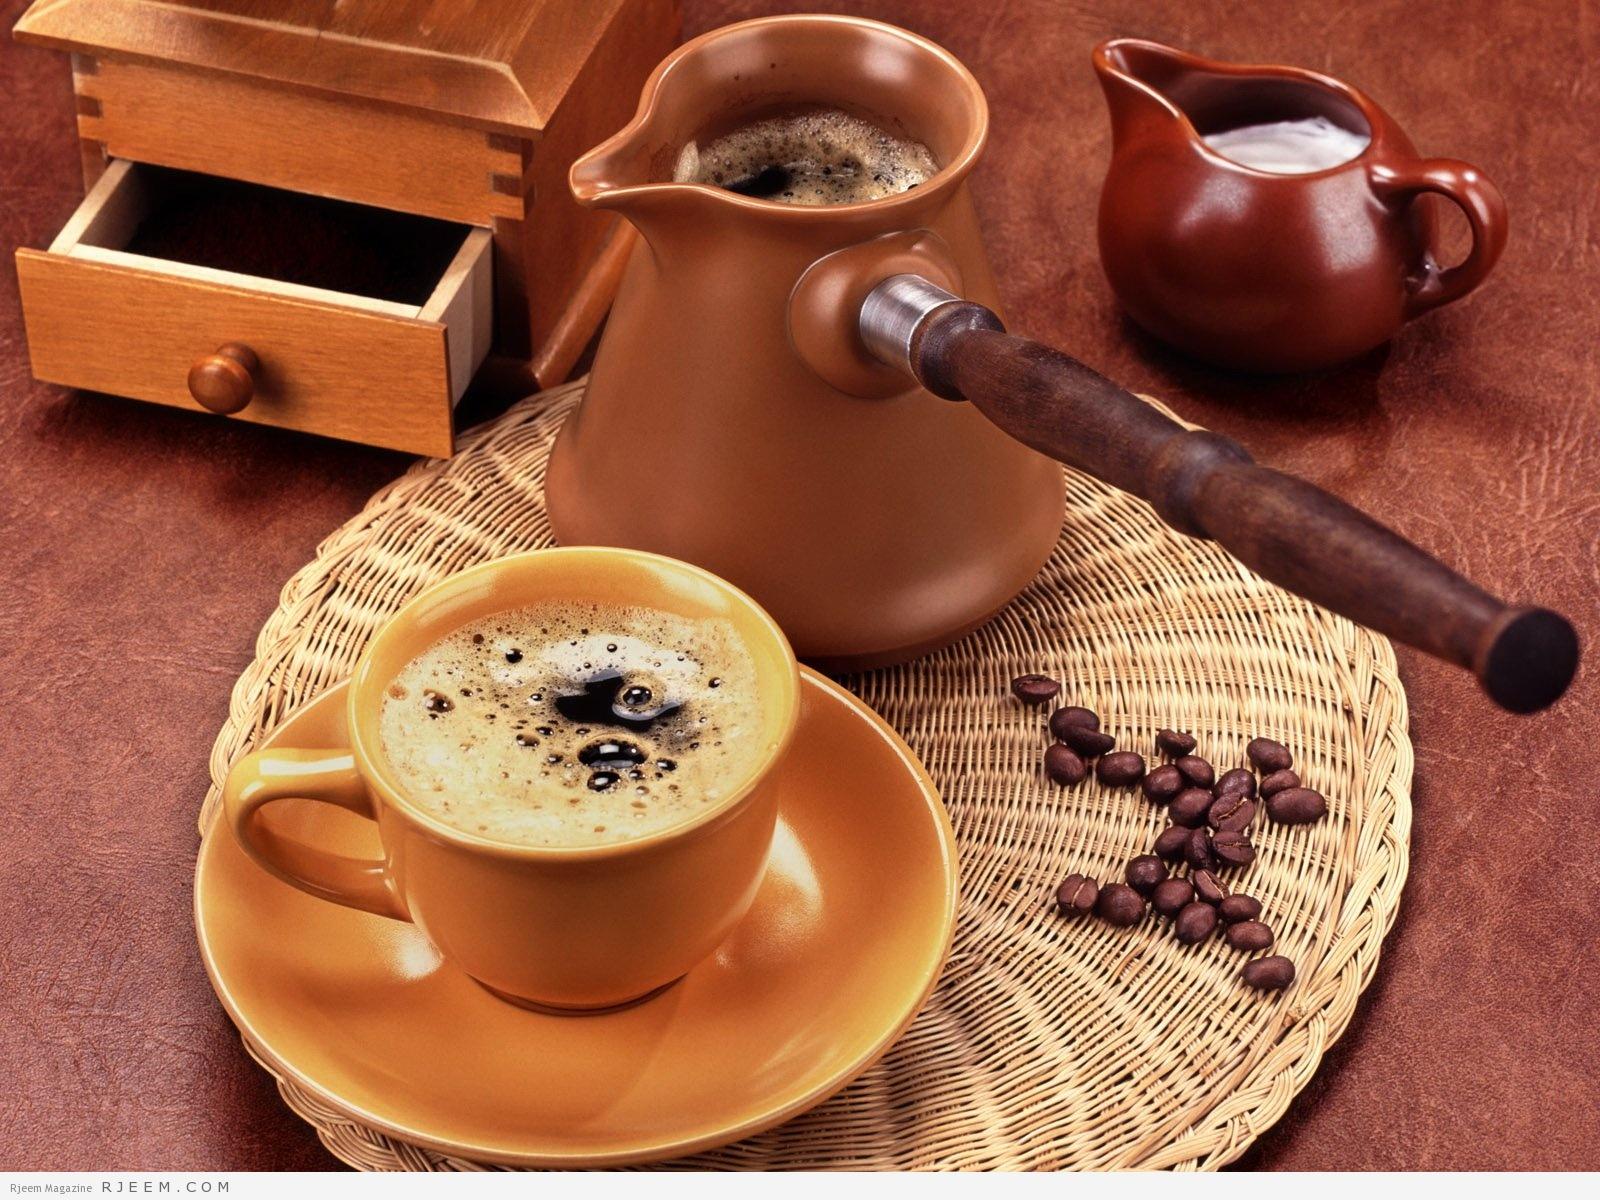 تعرّف على أضرار القهوة على صحة الجسم